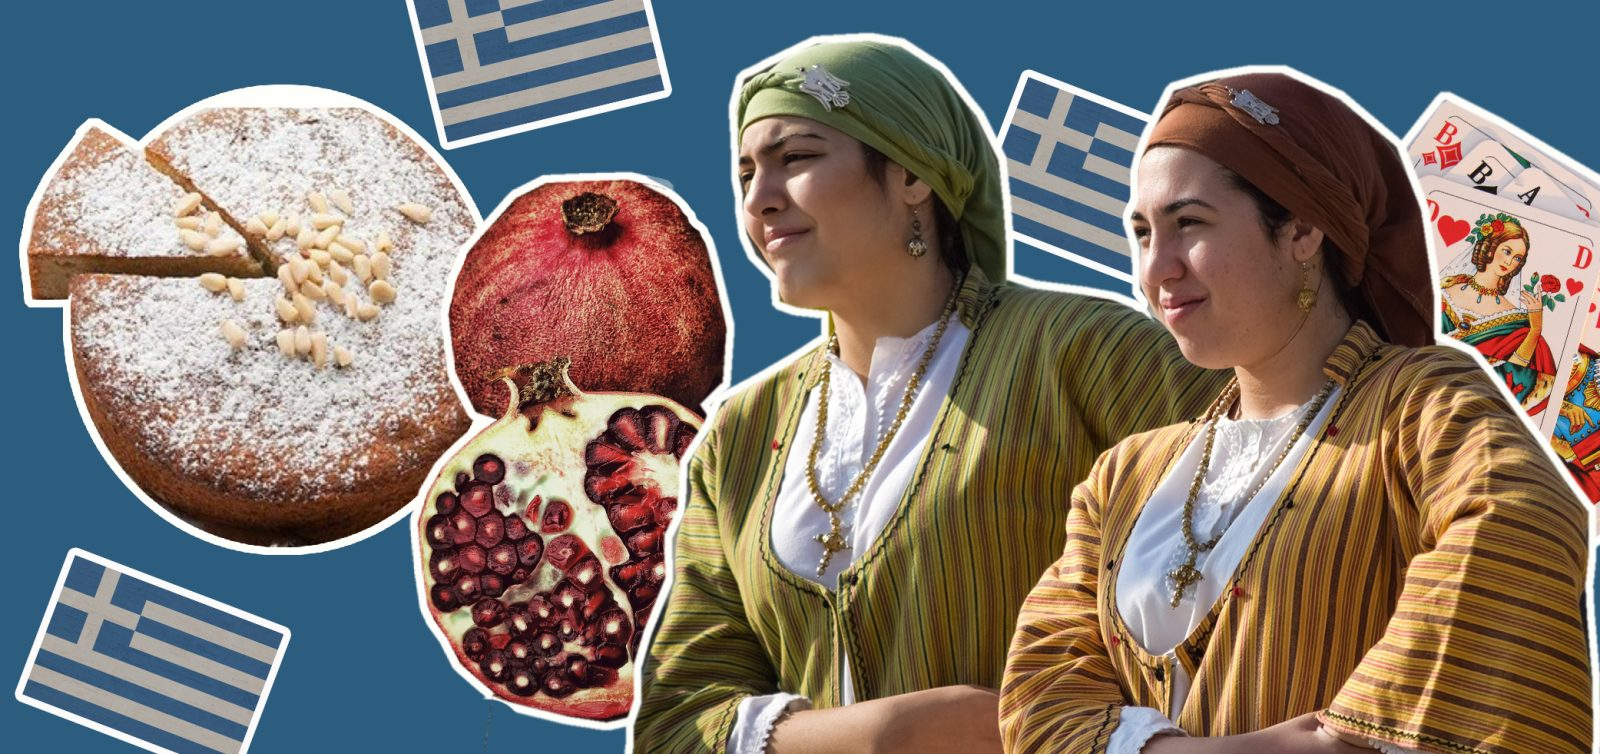 Як грецька громада зустрічає новий рік?